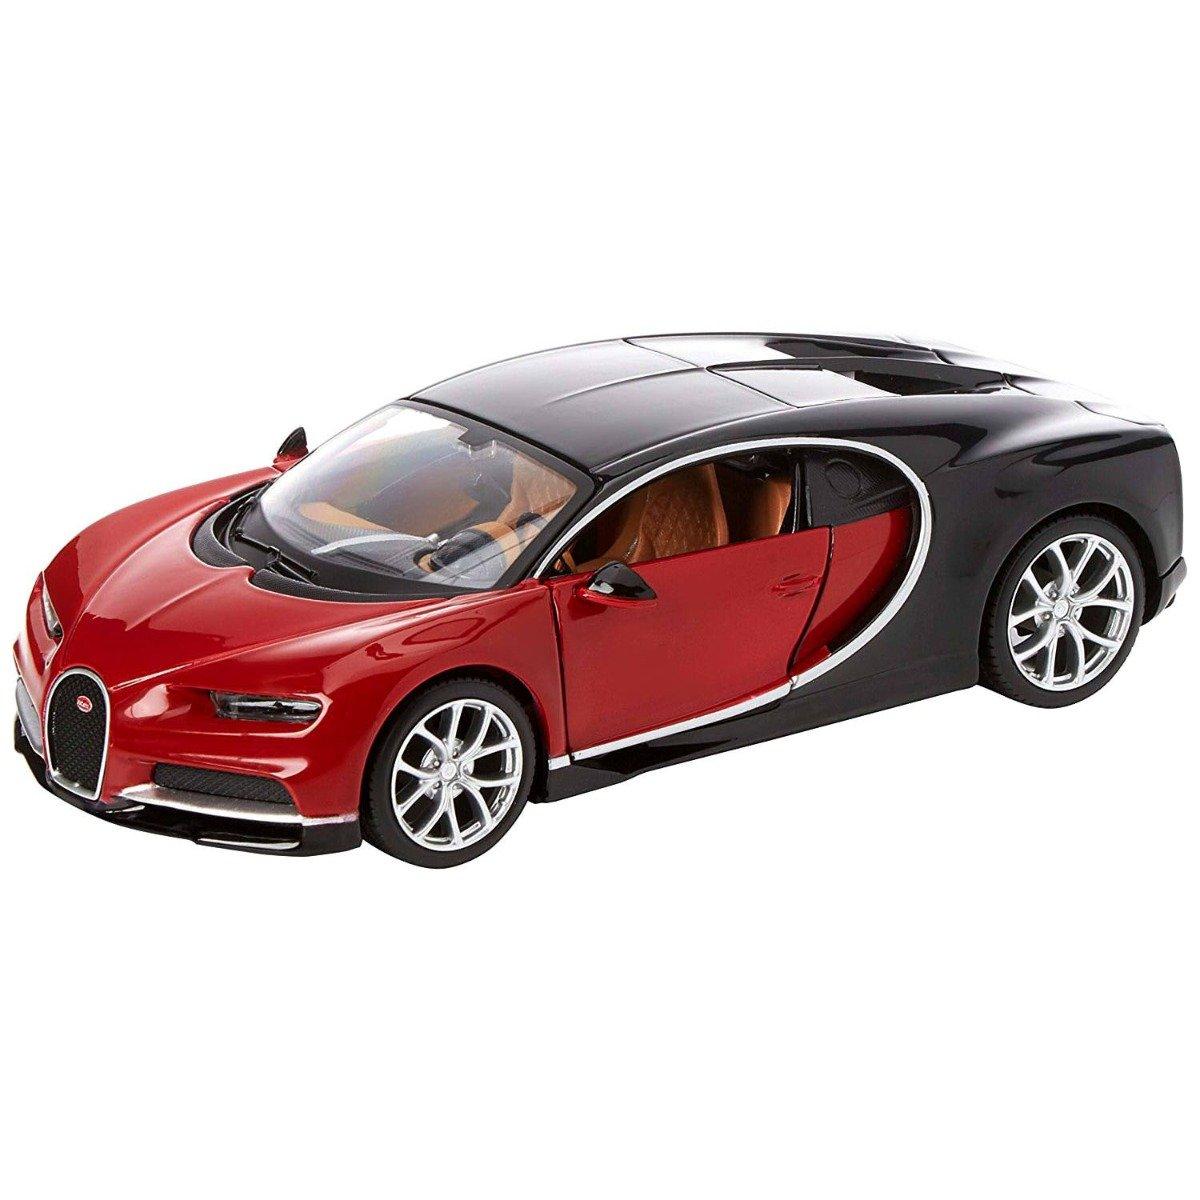 Masinuta Maisto Kit Model Bugatti Chiron, 1:24